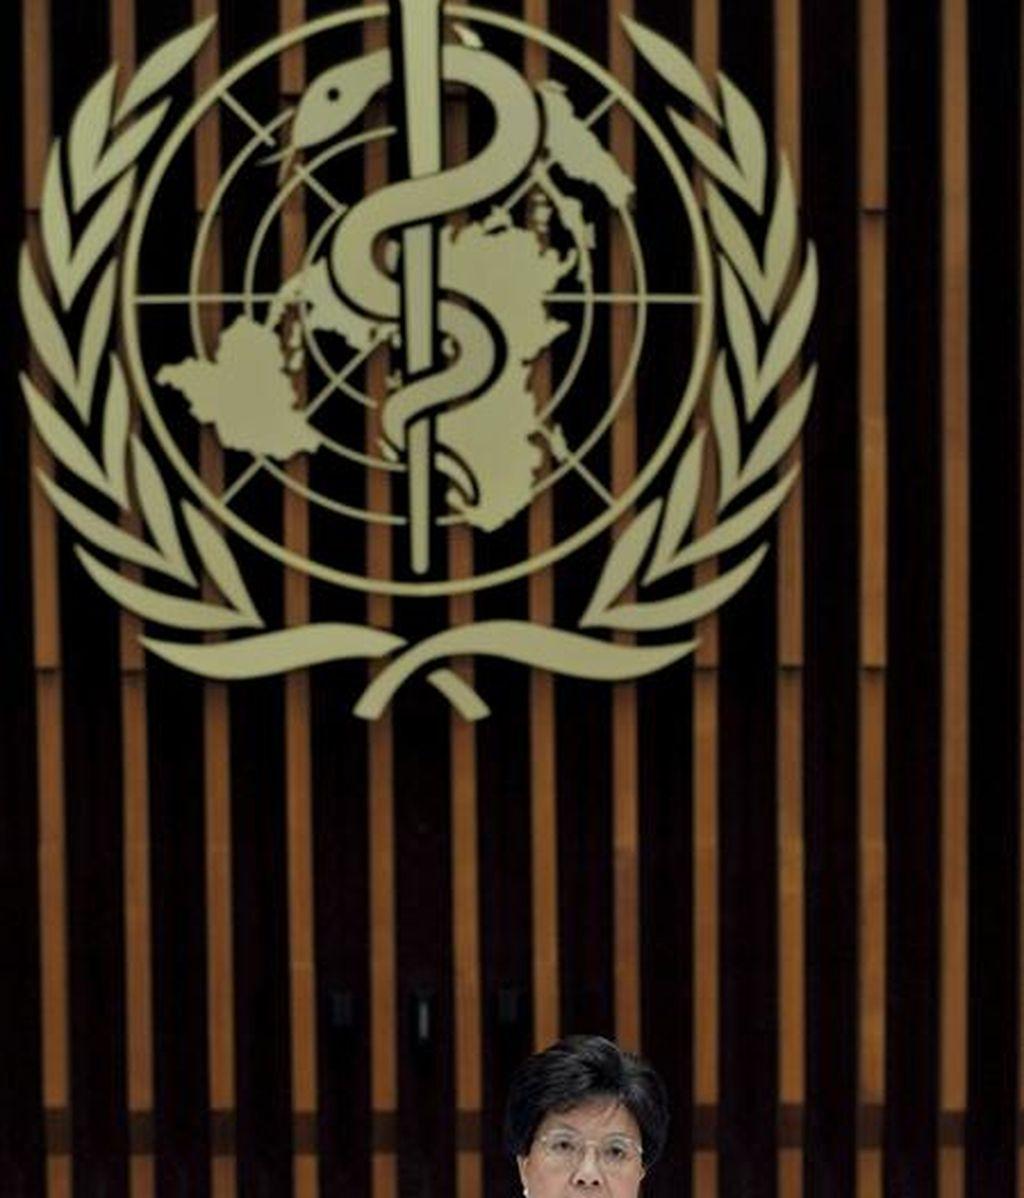 """La directora general de la Organización Mundial de la Salud (OMS), Margaret Chan, fotografiada durante la rueda de prensa celebrada en la sede de este organismo en Ginebra, Suiza hoy jueves 11 de junio de 2009.La Organización Mundial de la Salud elevó hoy a 6 (máximo en la escala) el nivel de alerta por la gripe A, aunque precisó que se trata de """"una pandemia moderada"""" a nivel global. EFE"""